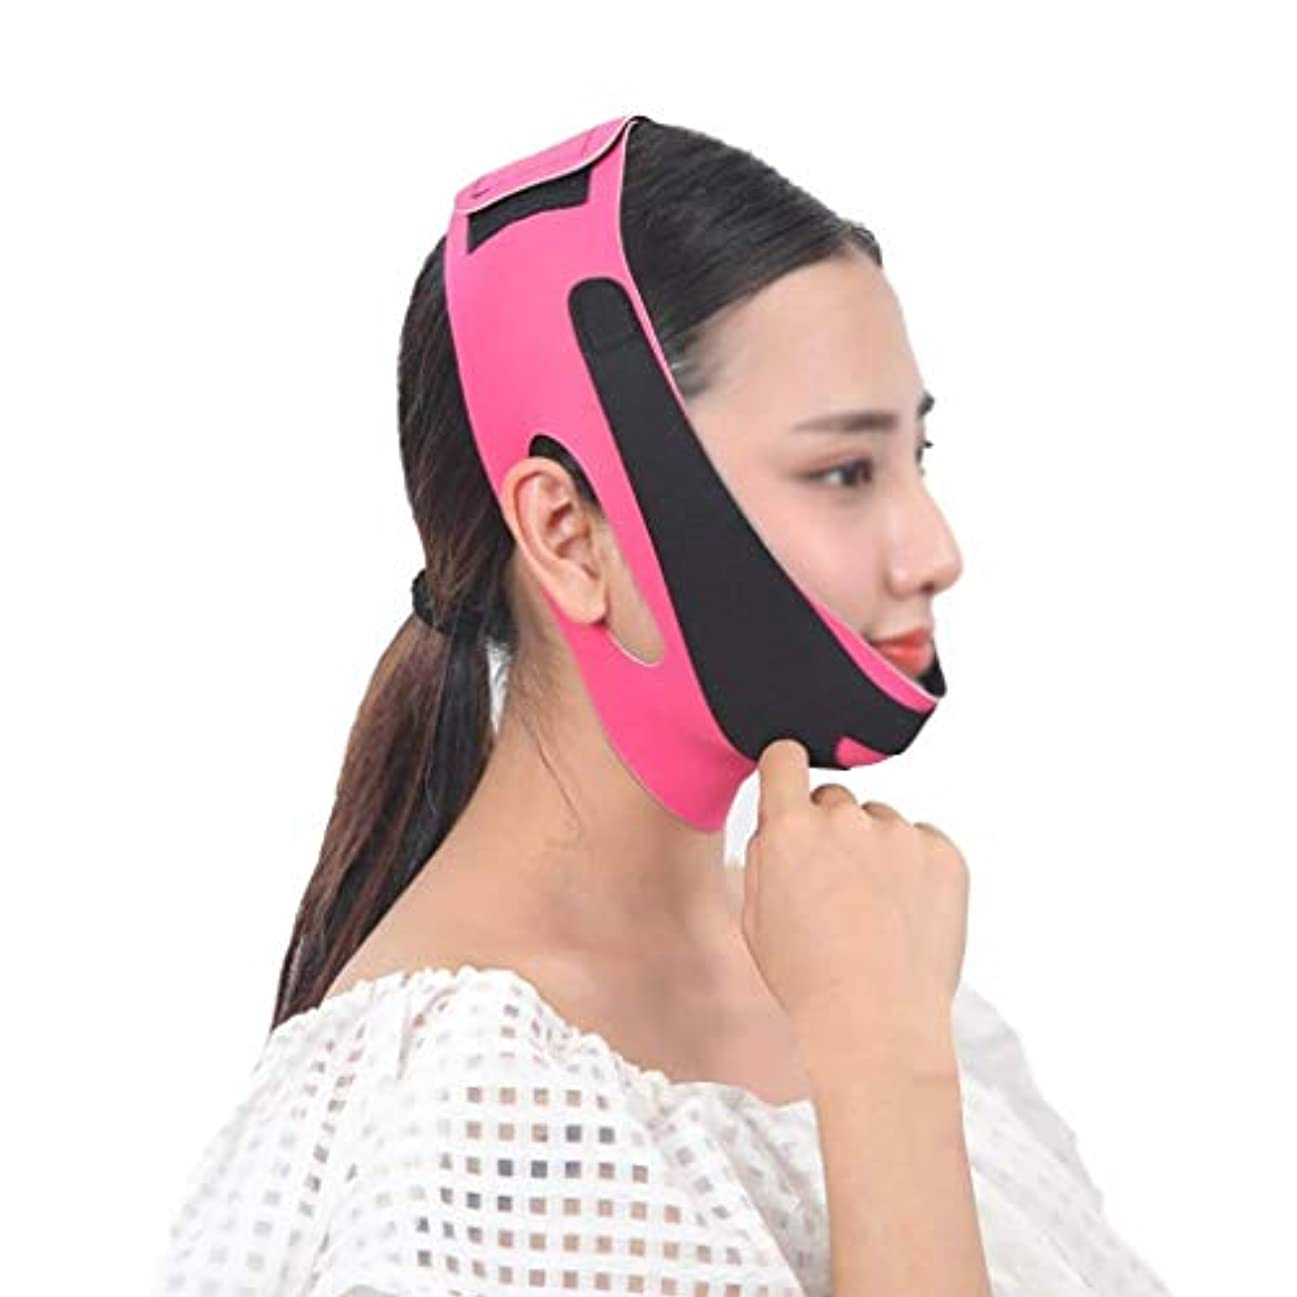 ポータブルワイヤー主婦フェイスアンドネックリフト術後弾性フェイスマスク小さなV顔アーティファクト薄い顔包帯アーティファクトV顔ぶら下げ耳リフティング引き締め薄い顔アーティファクト